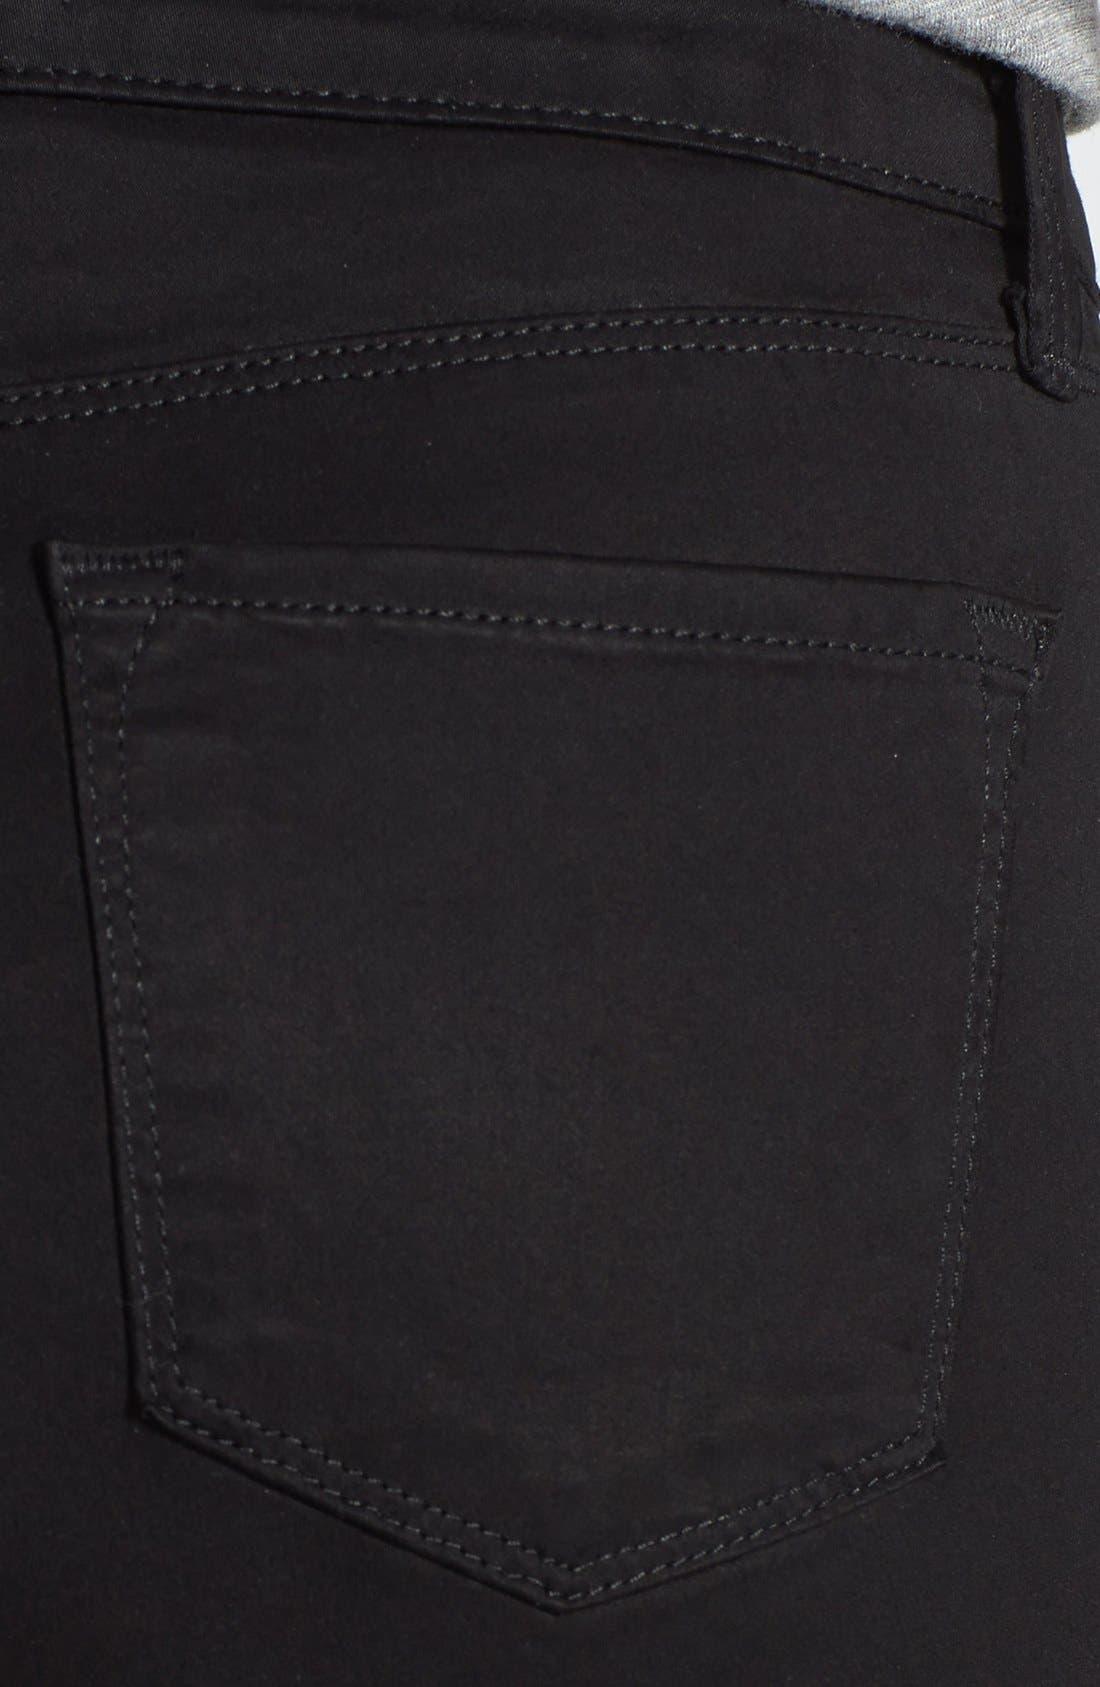 Alternate Image 3  - J Brand 'Rails' Straight Leg Jeans (Black Luxe Sateen)